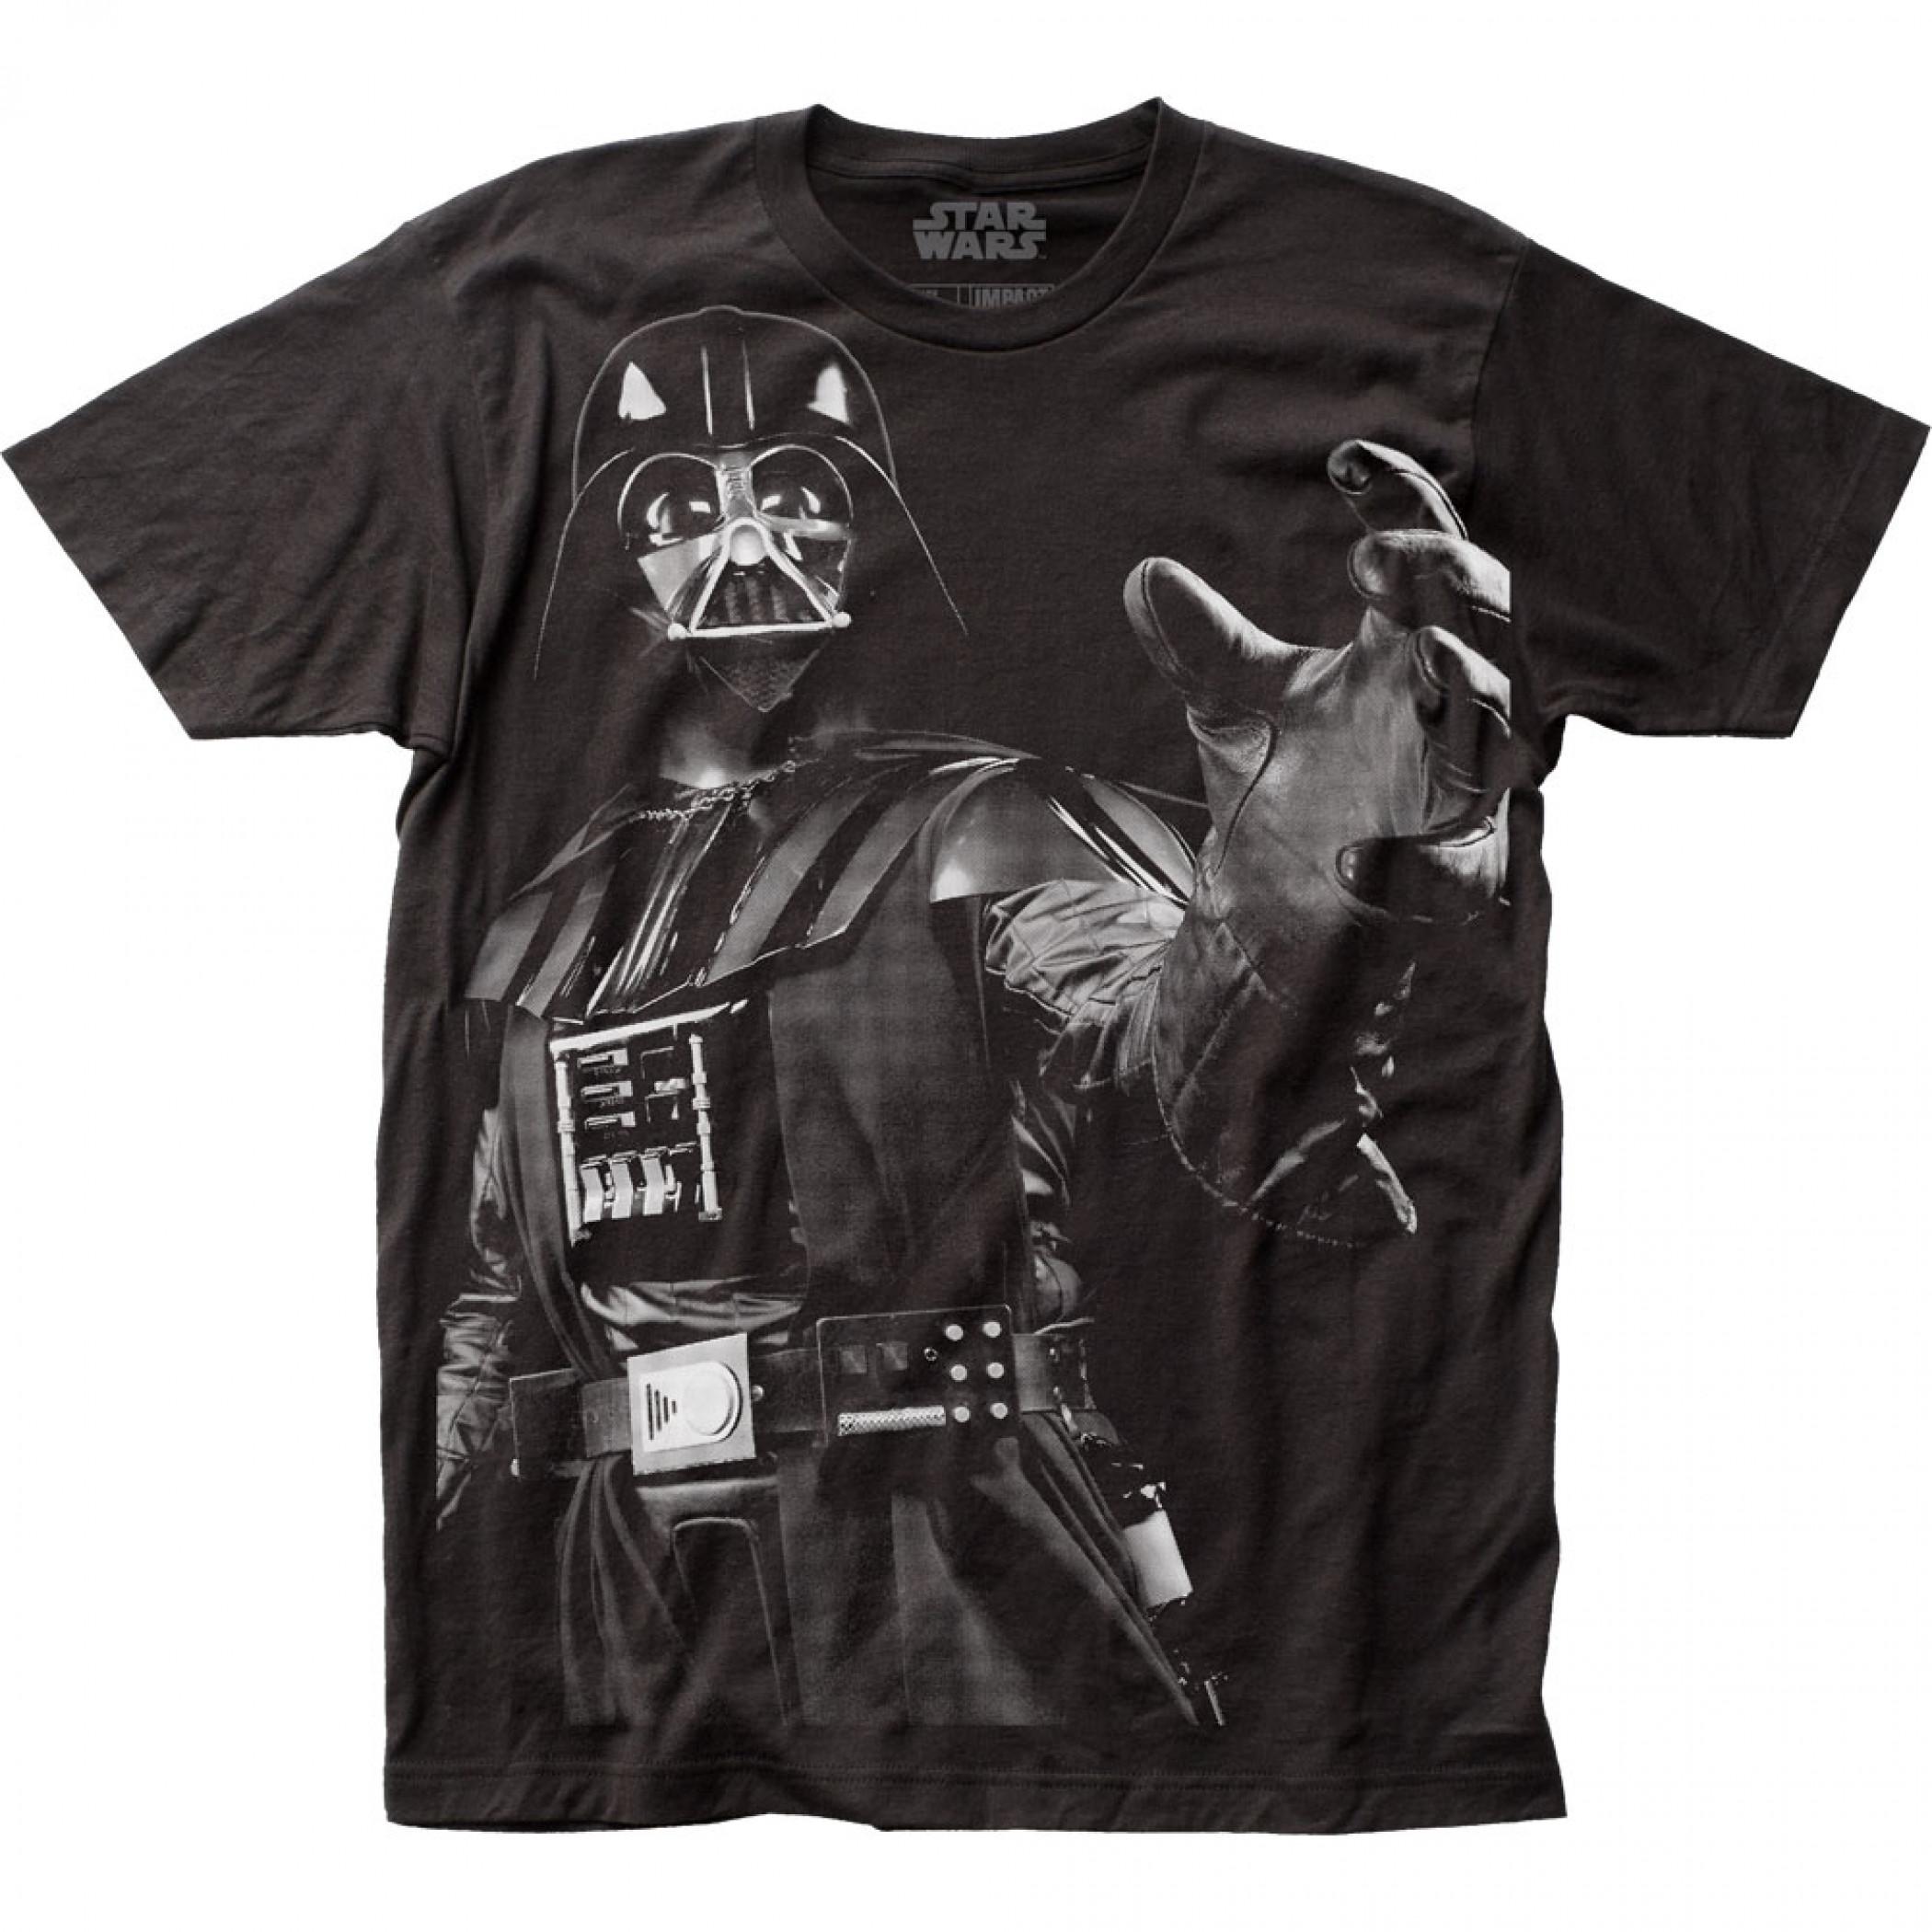 Star Wars Darth Vader Choke Large Subway Print T-Shirt